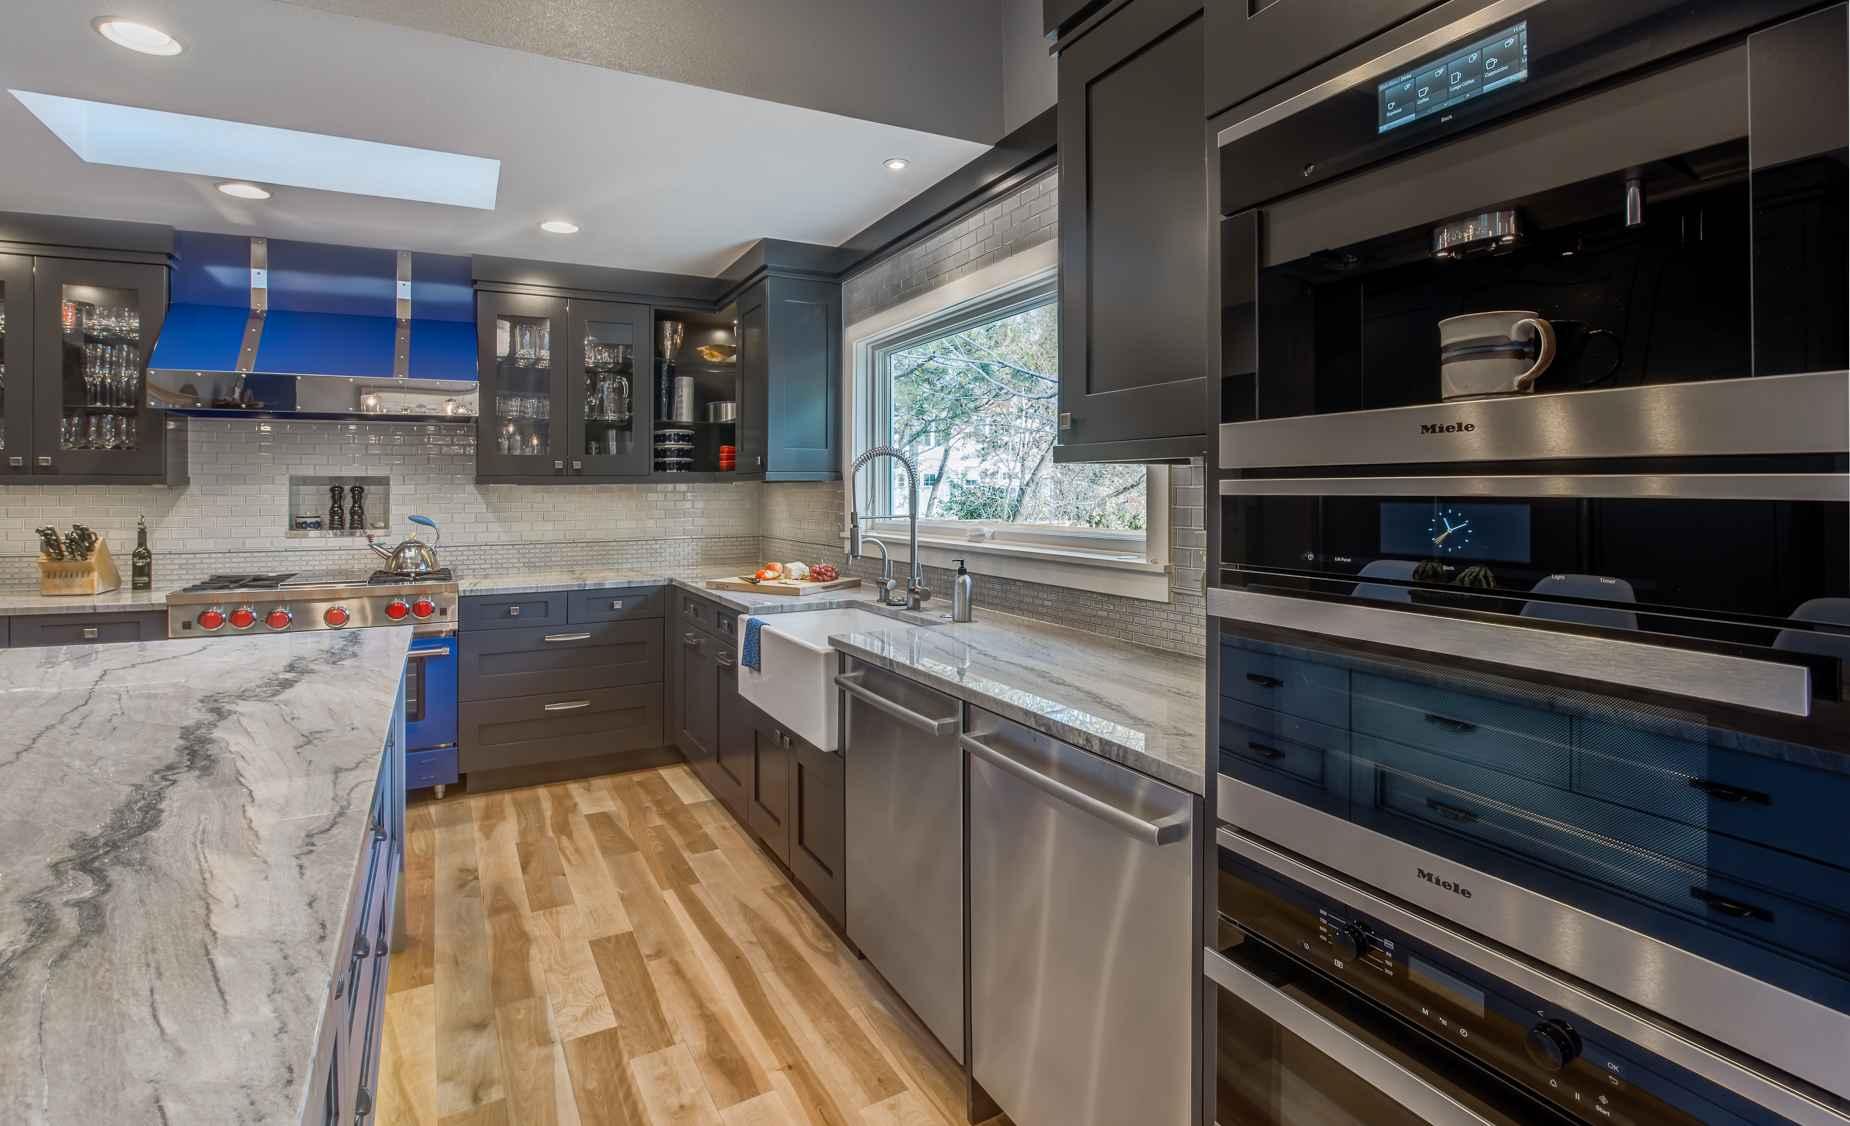 le domaine de chef — sanctuary kitchen and bath design-5.jpg